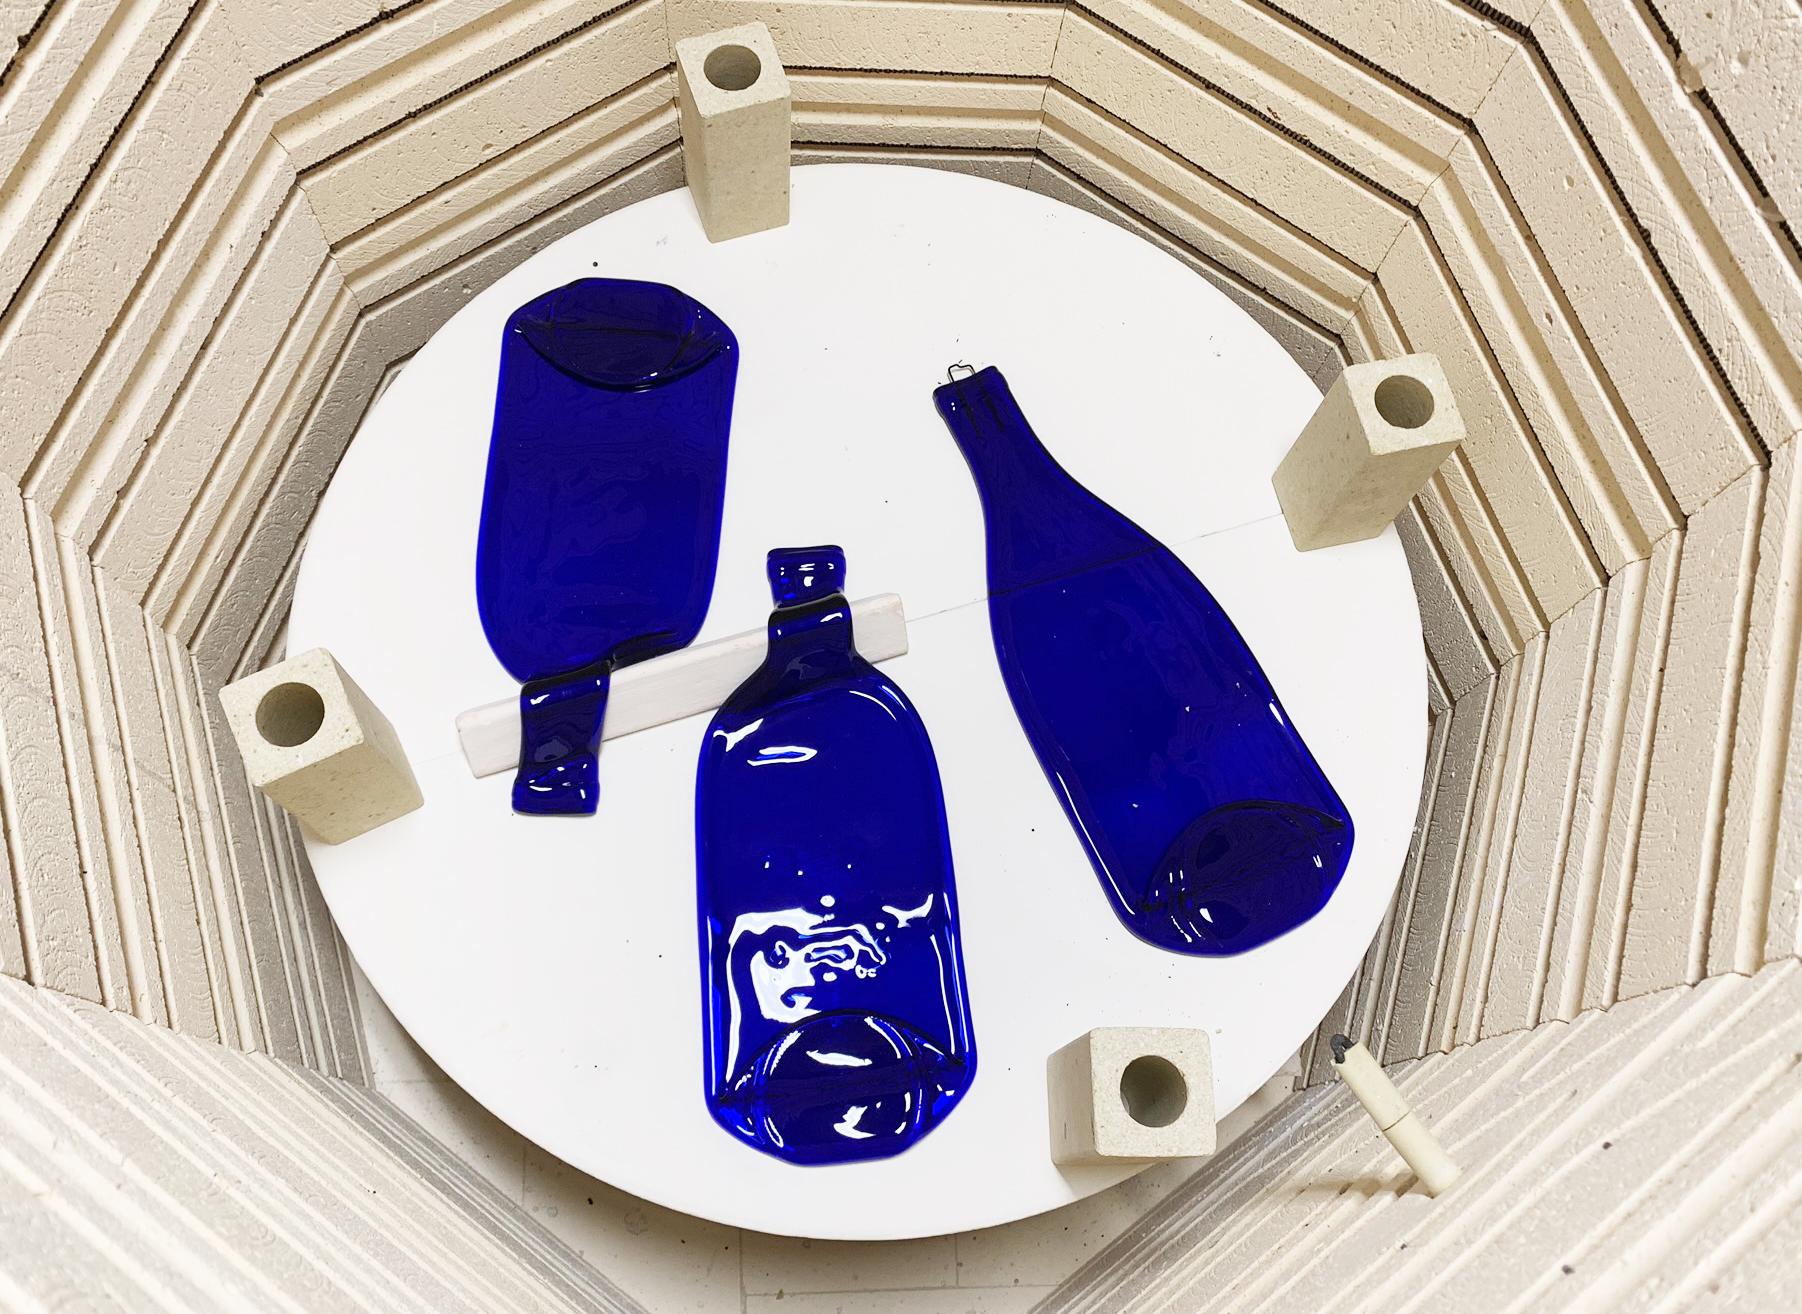 Beautiful Cobalt Blue Bottles for serving your favorite snacks!